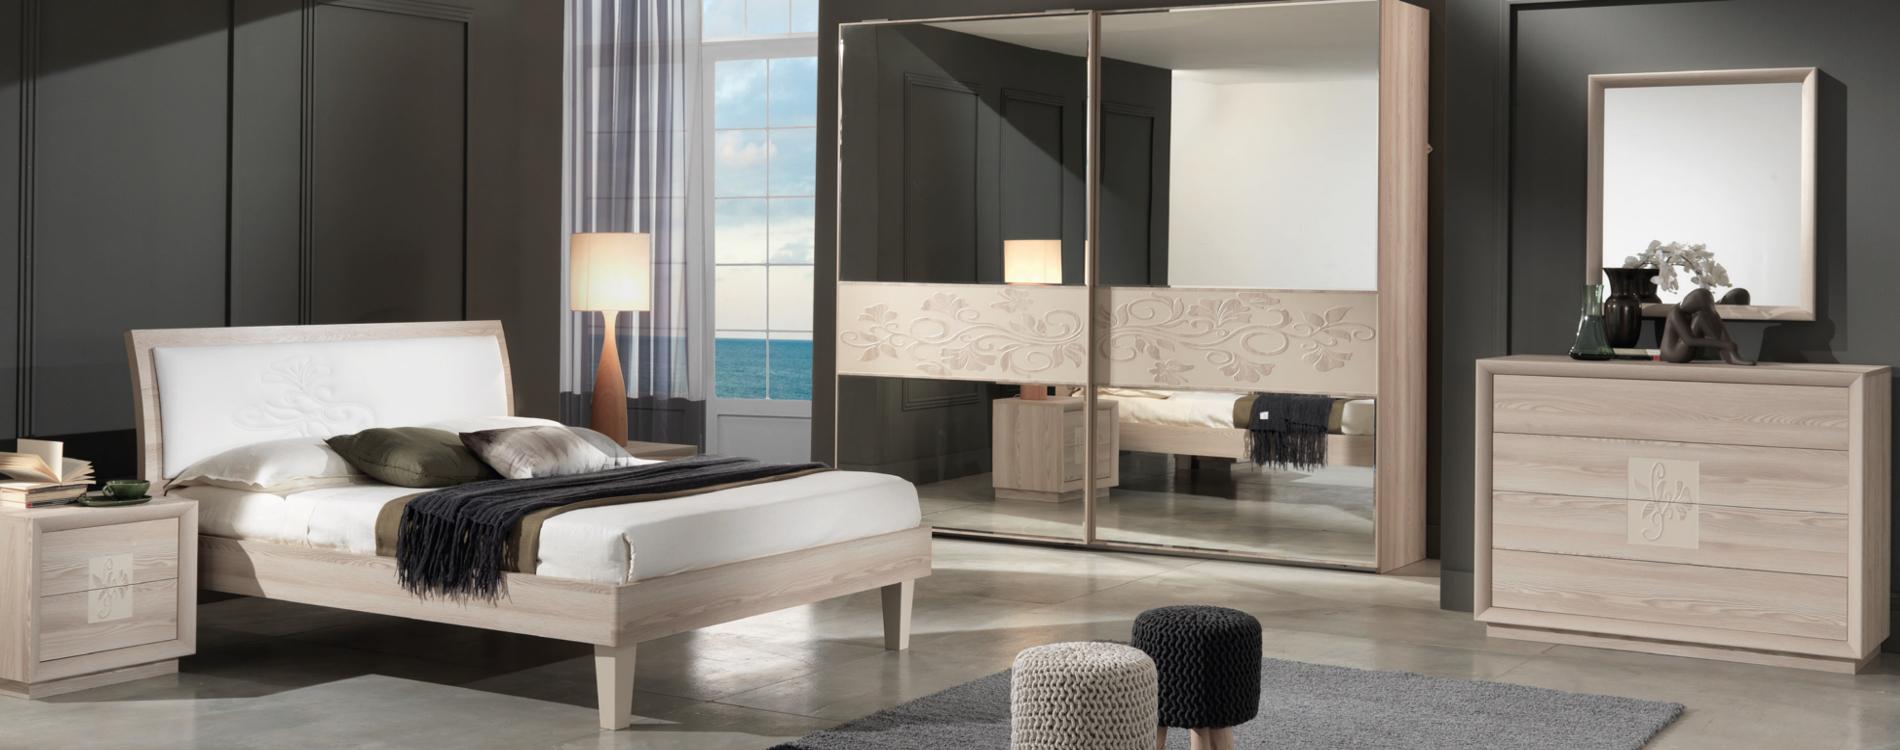 mobilificio europa mobili ed arredamenti classici e